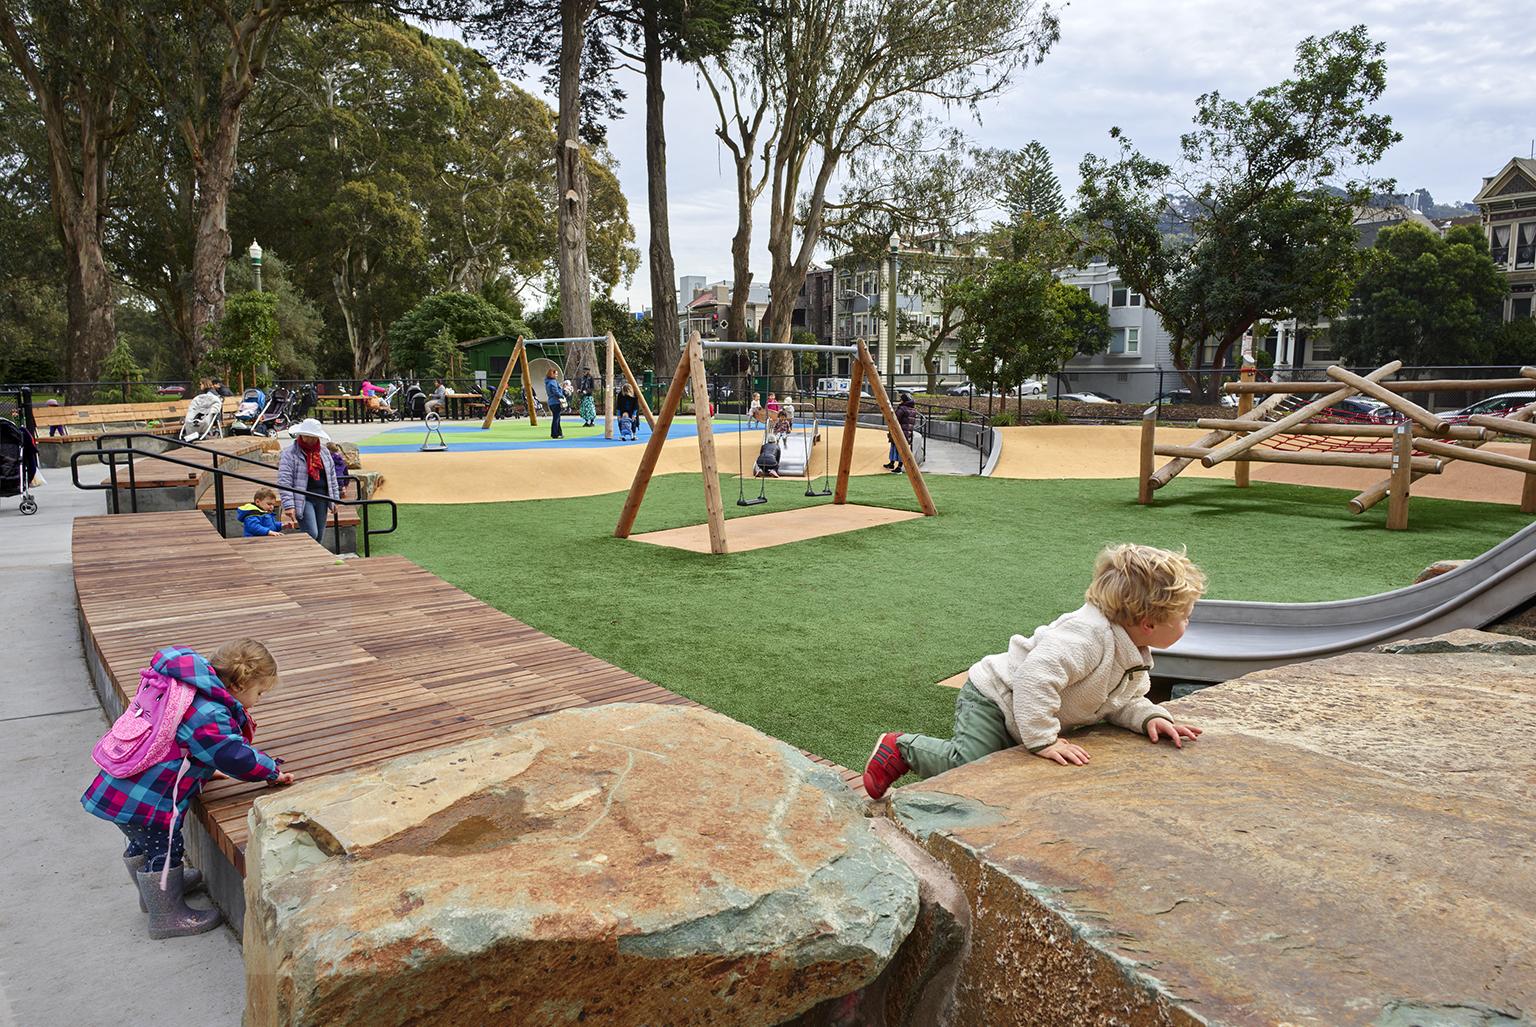 Panhandle Playground